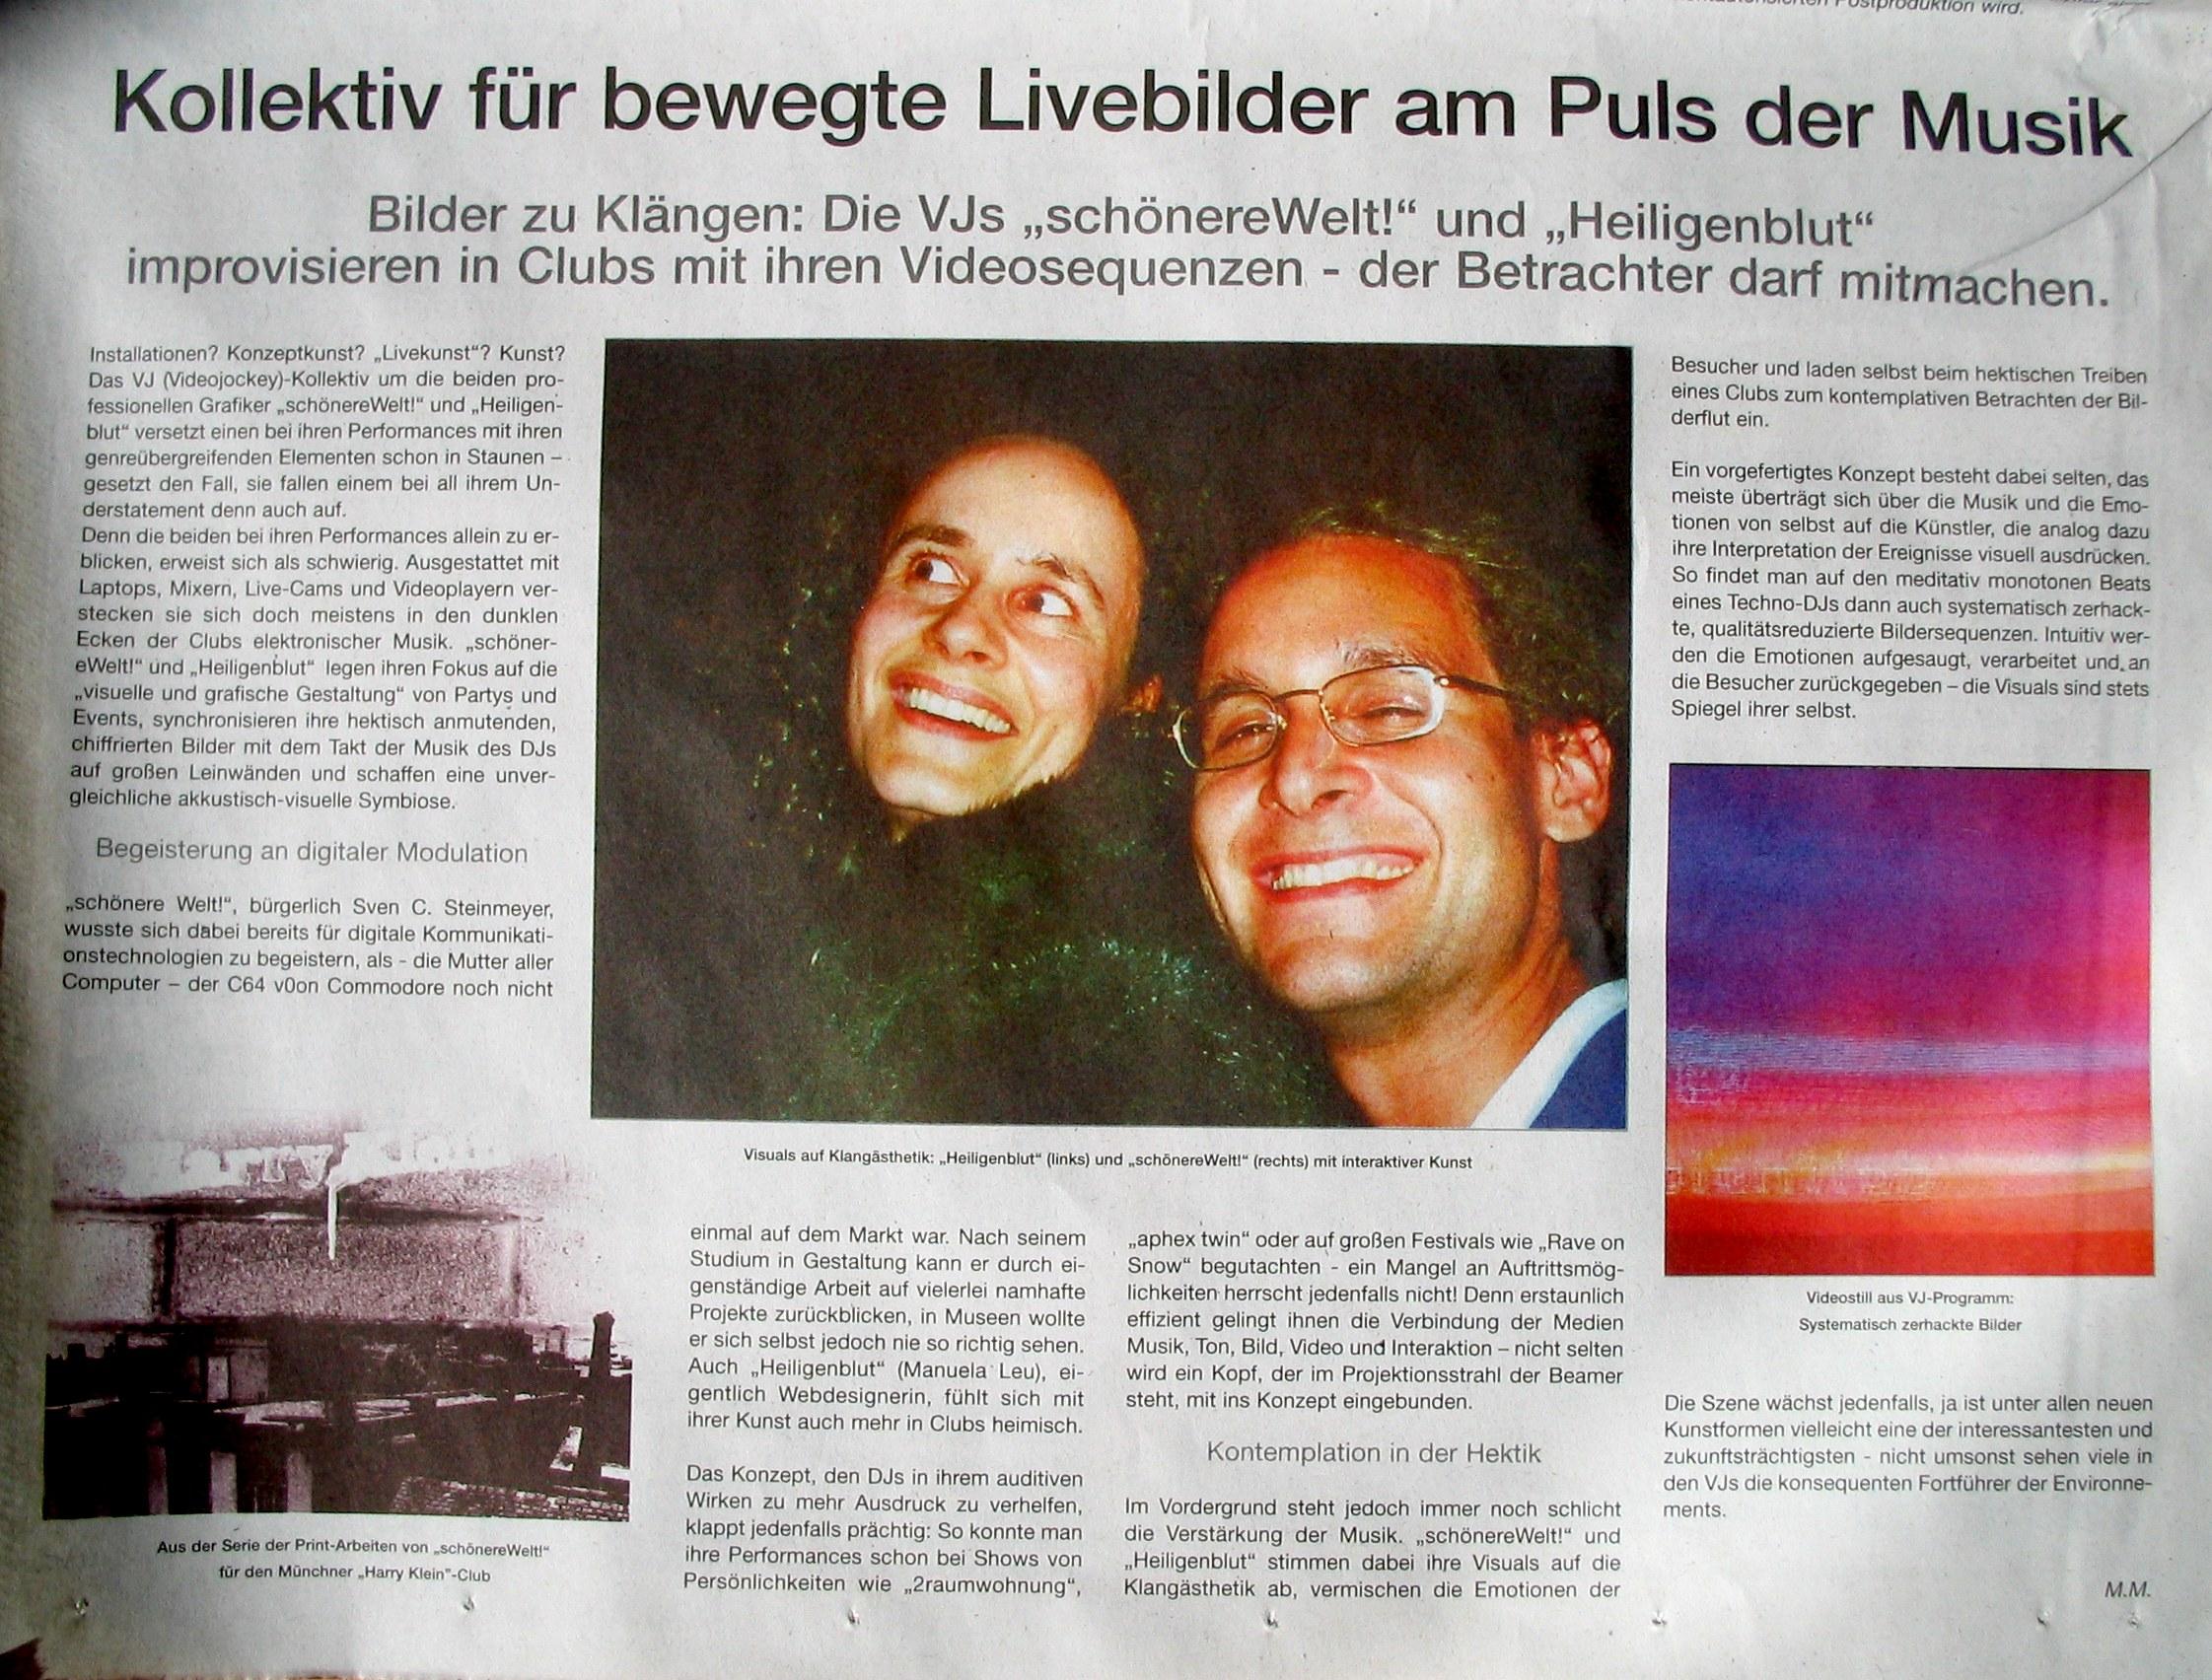 AundA_Kunstzeitung_-_Kollektiv_fuer_bewegte_Livebilder BRIGHTER